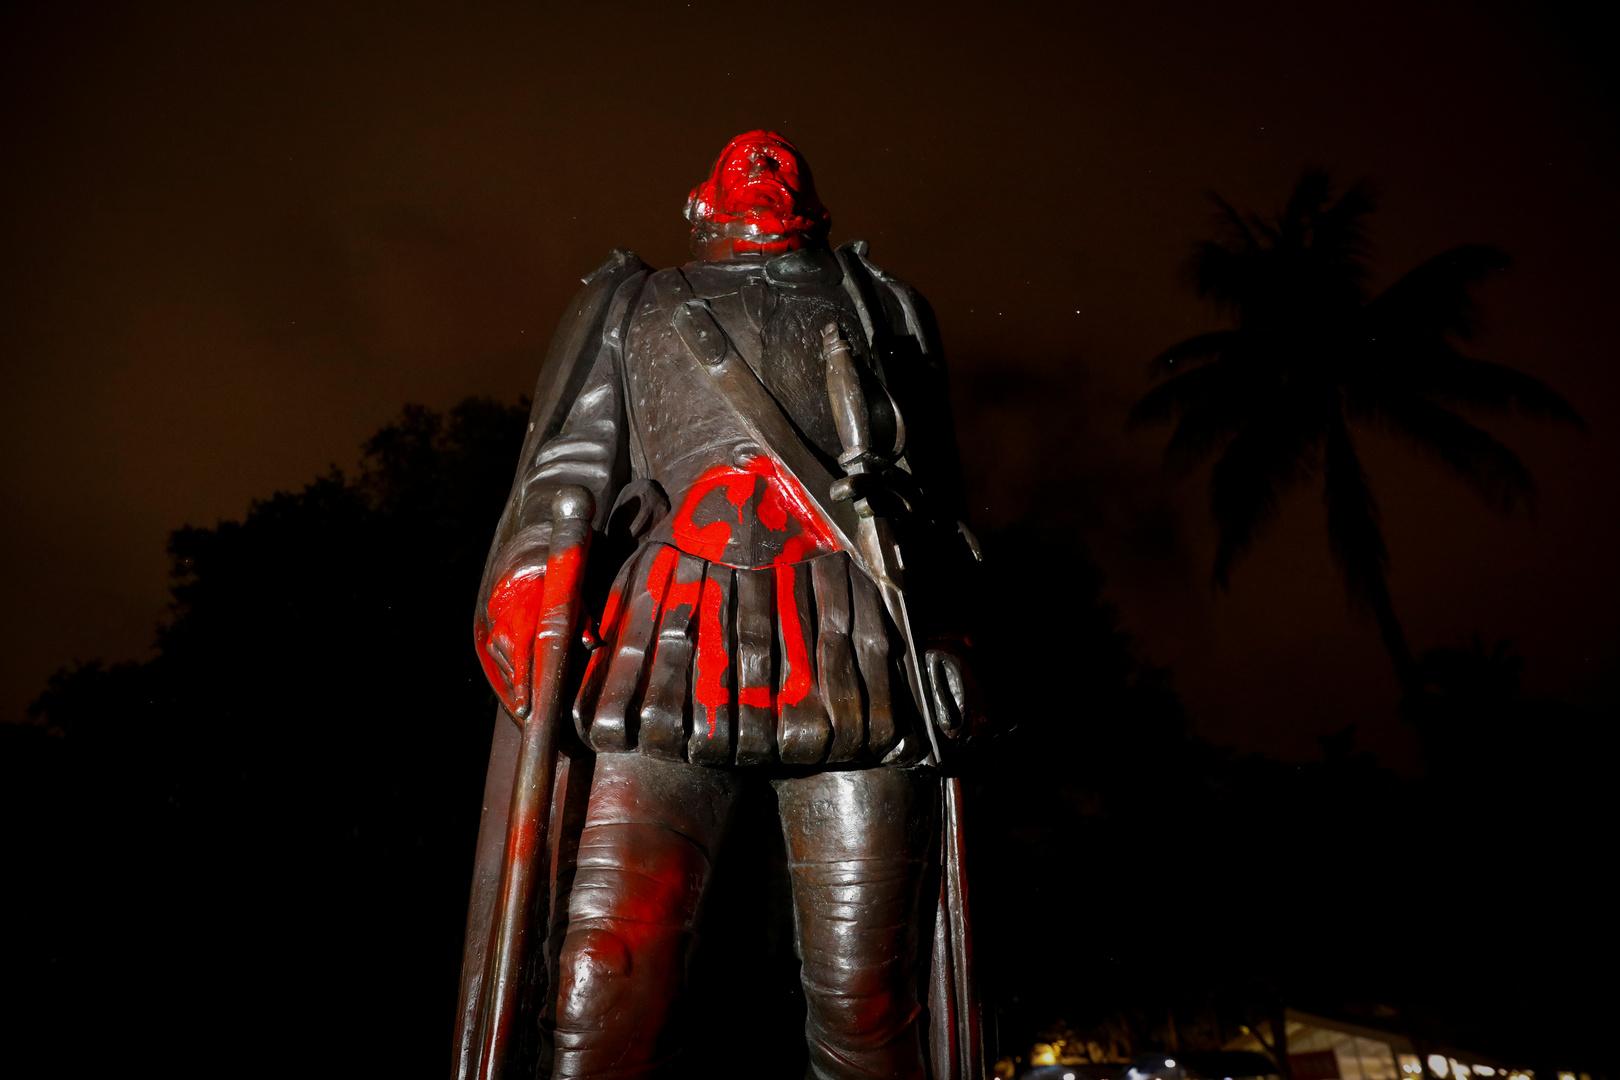 لماذا أعلن المحتجون الأمريكيون حربا على كريستوفر كولومبوس؟